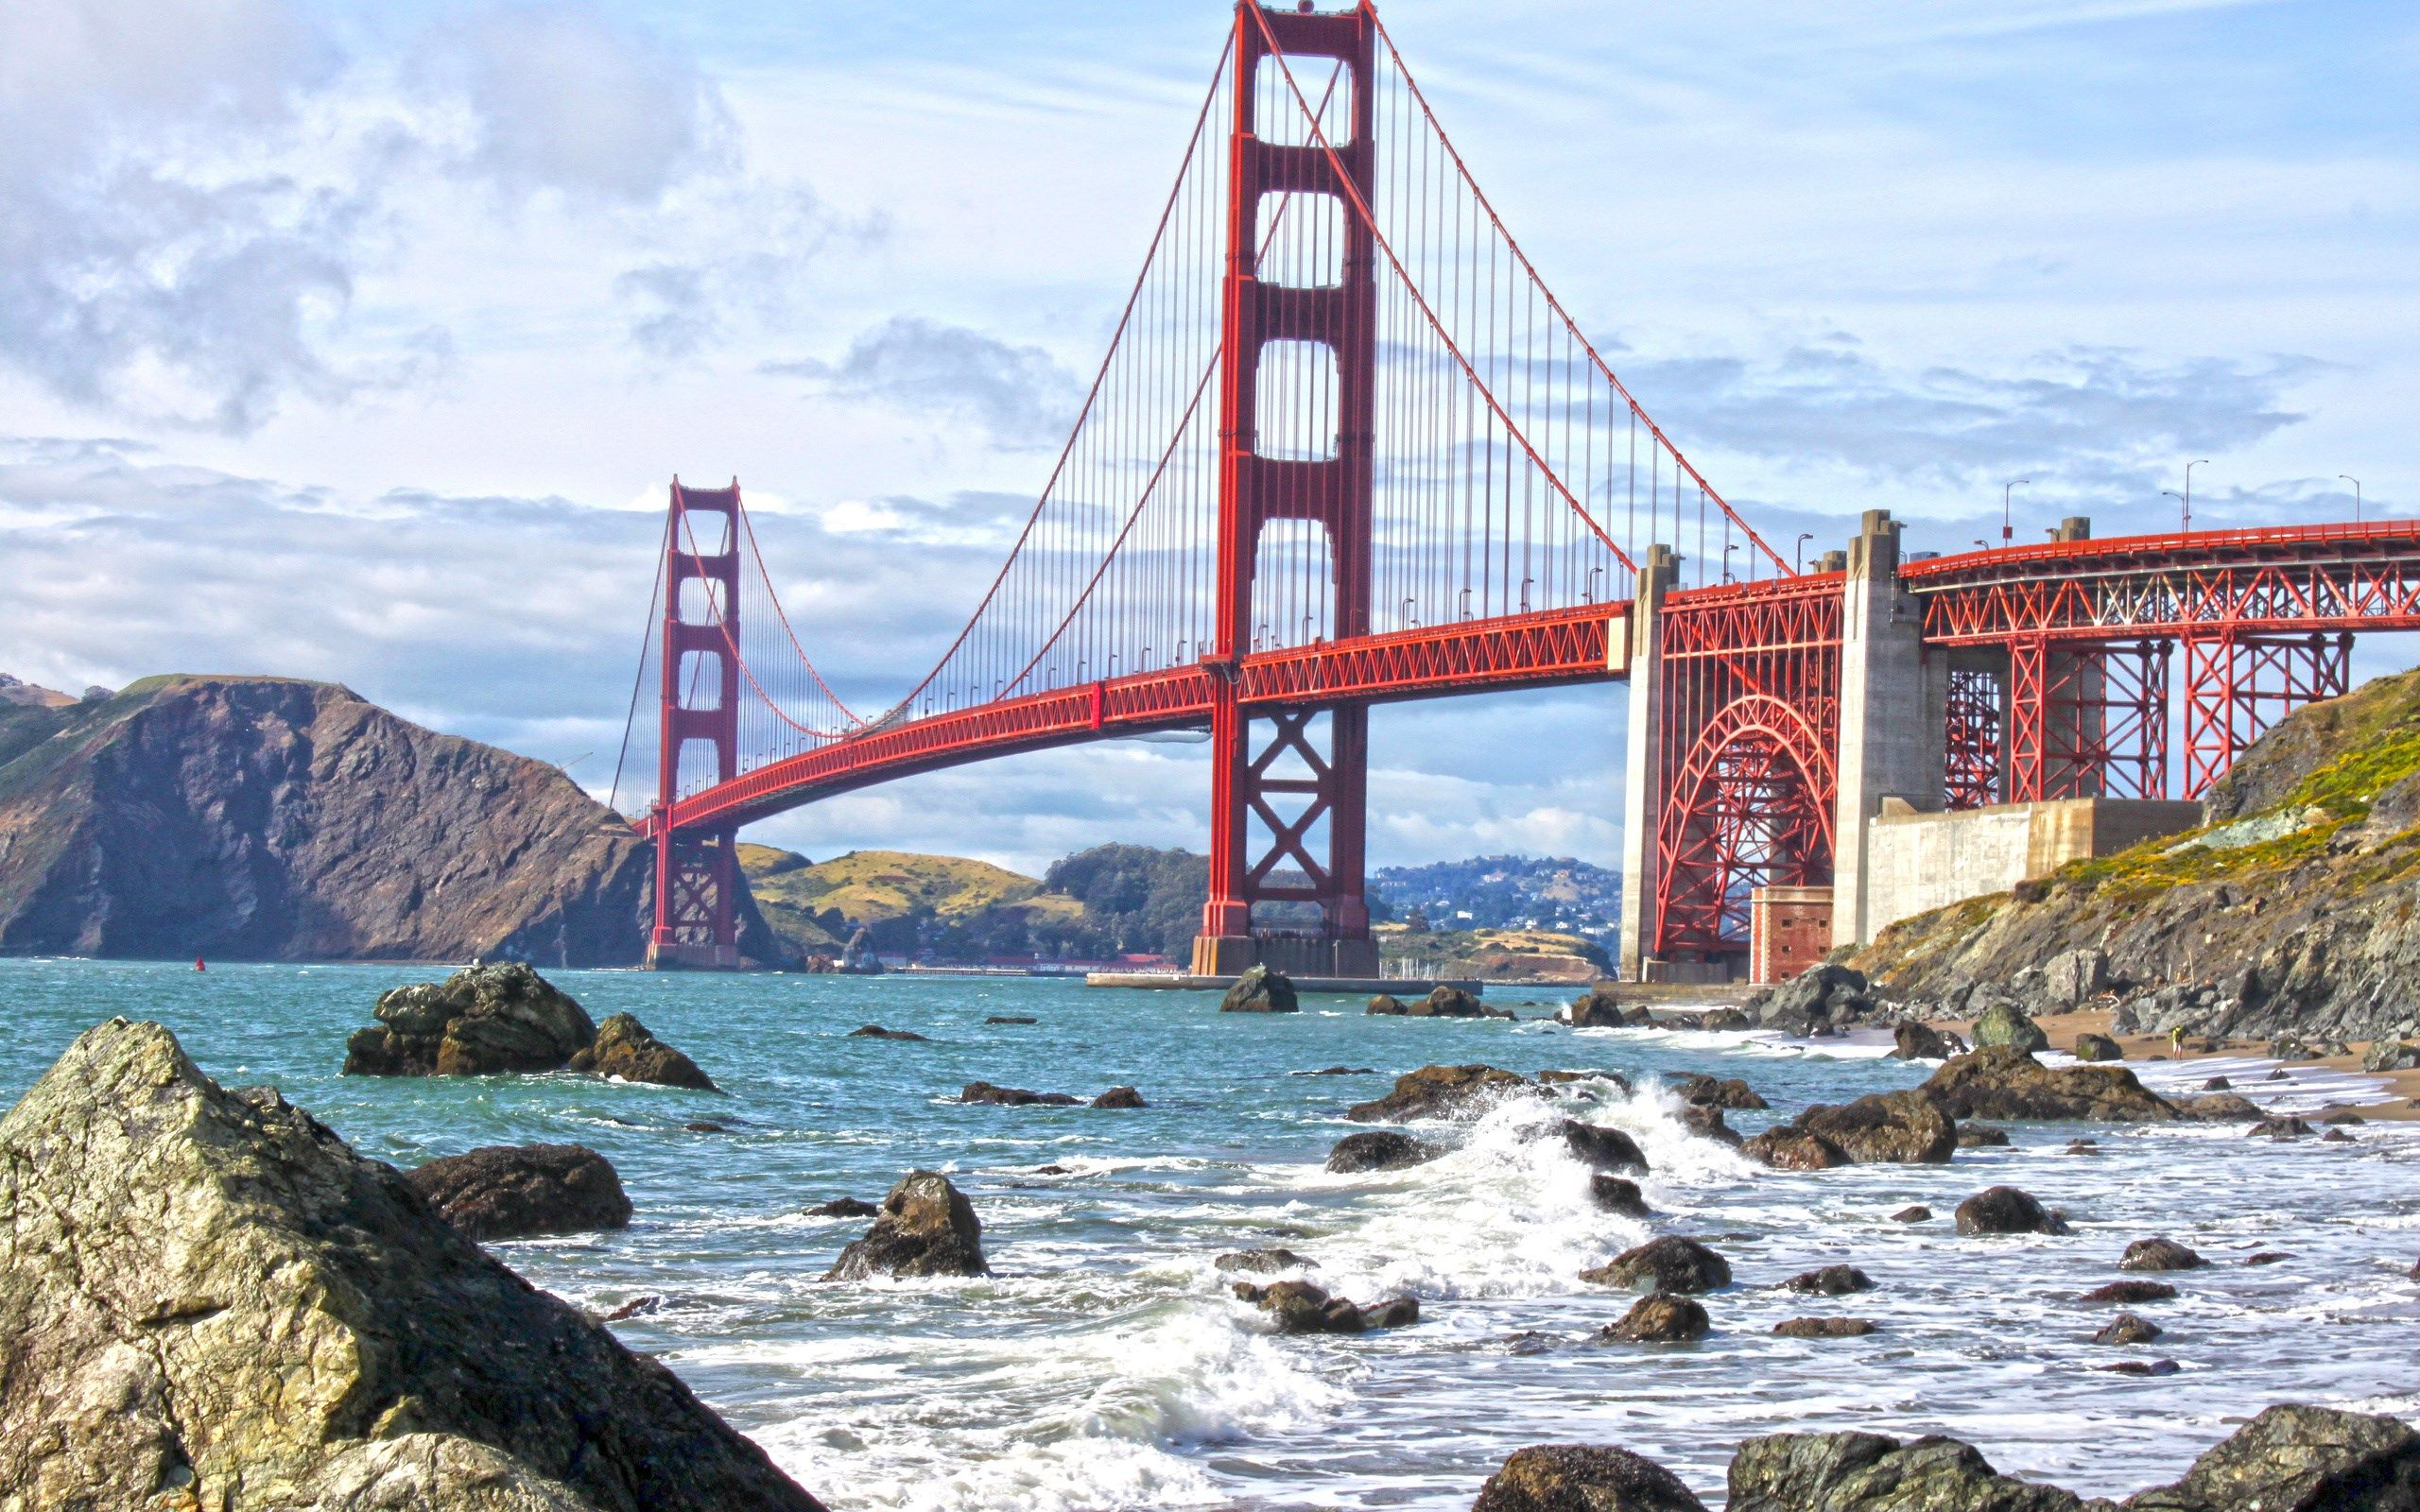 Good Wallpaper Macbook San Francisco - 3f6cf138dd1d1cb19c32cc8d5f74e380  Perfect Image Reference_97214.jpg